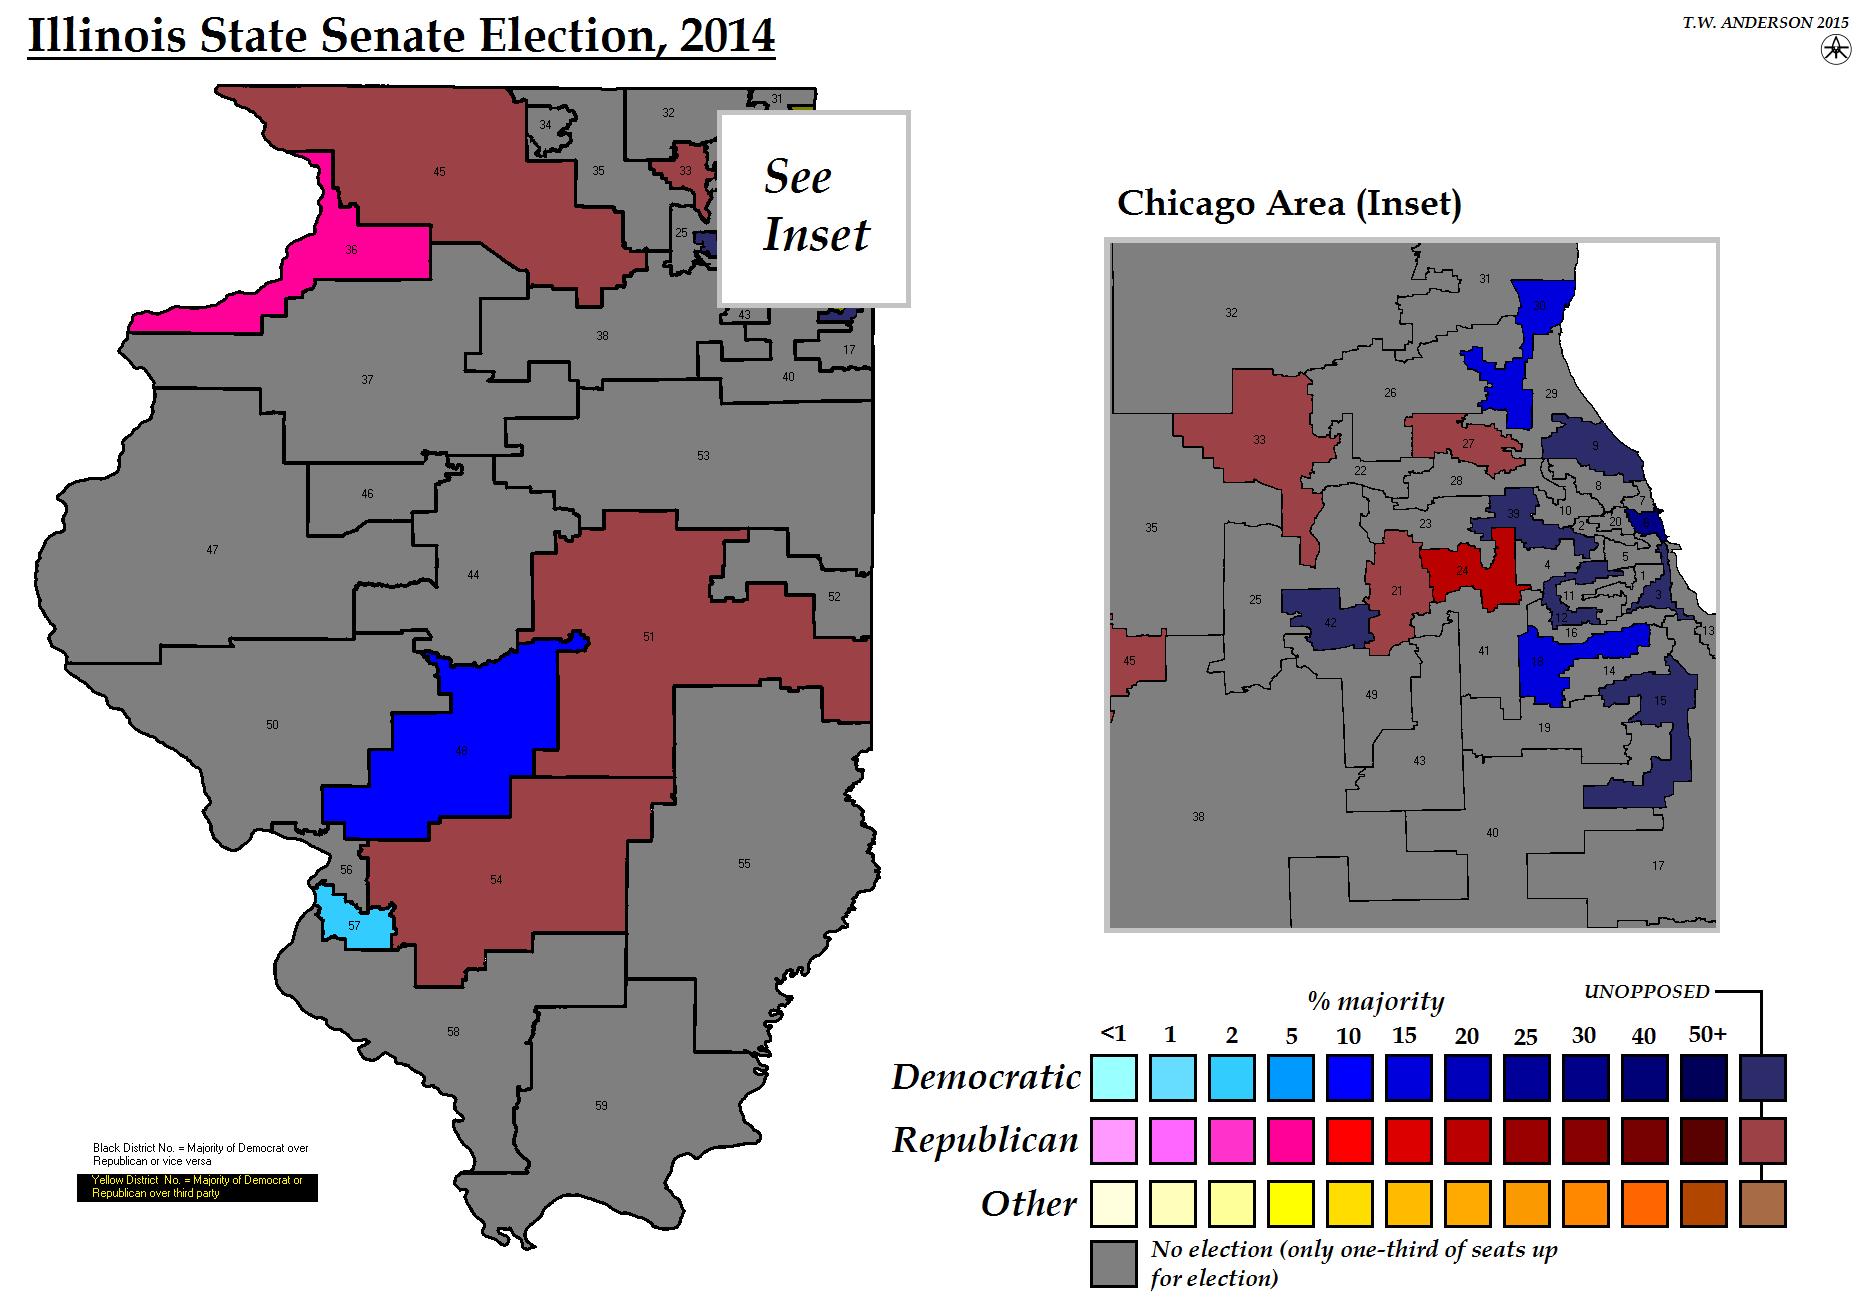 Illinois State Senate Election 2014